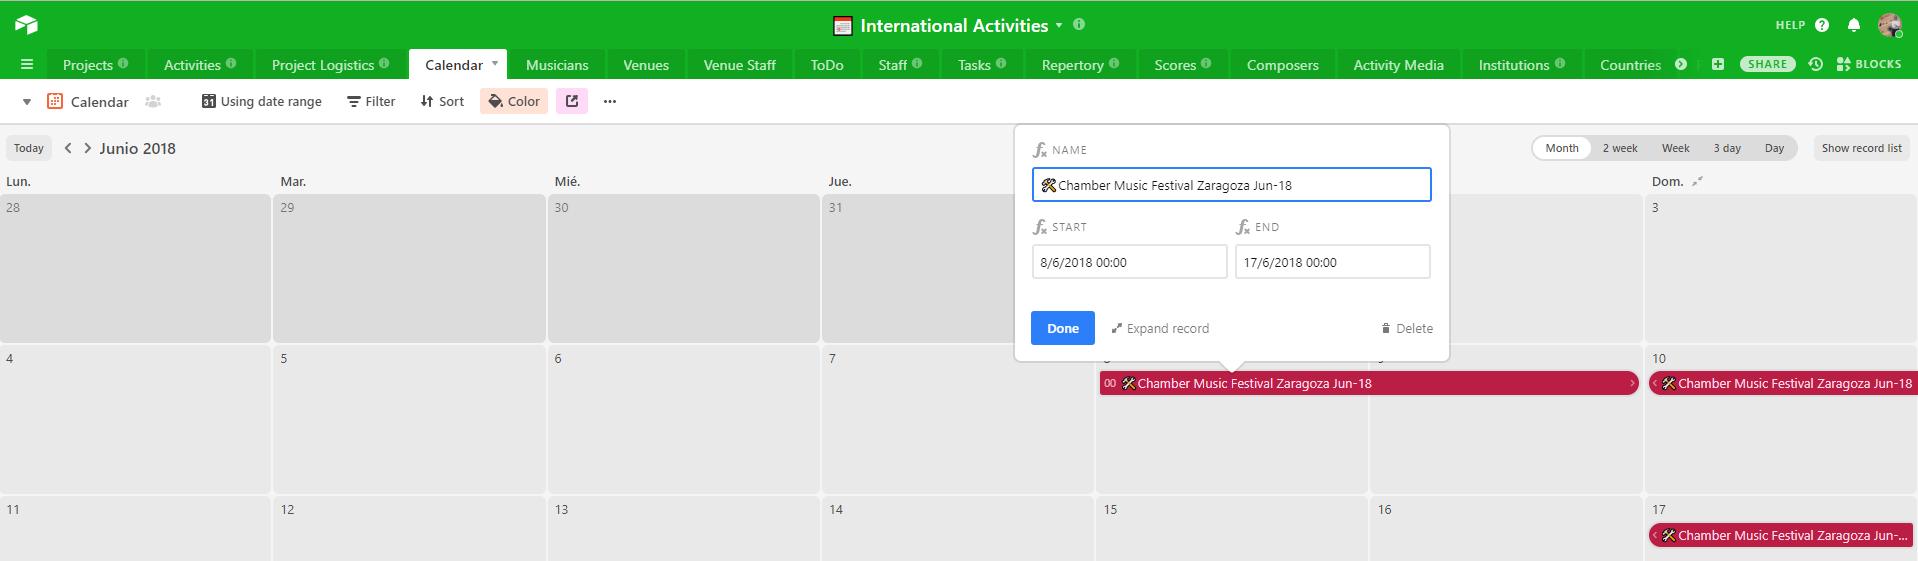 Calendar View: Date Range Longer Than One Week Looks Weird